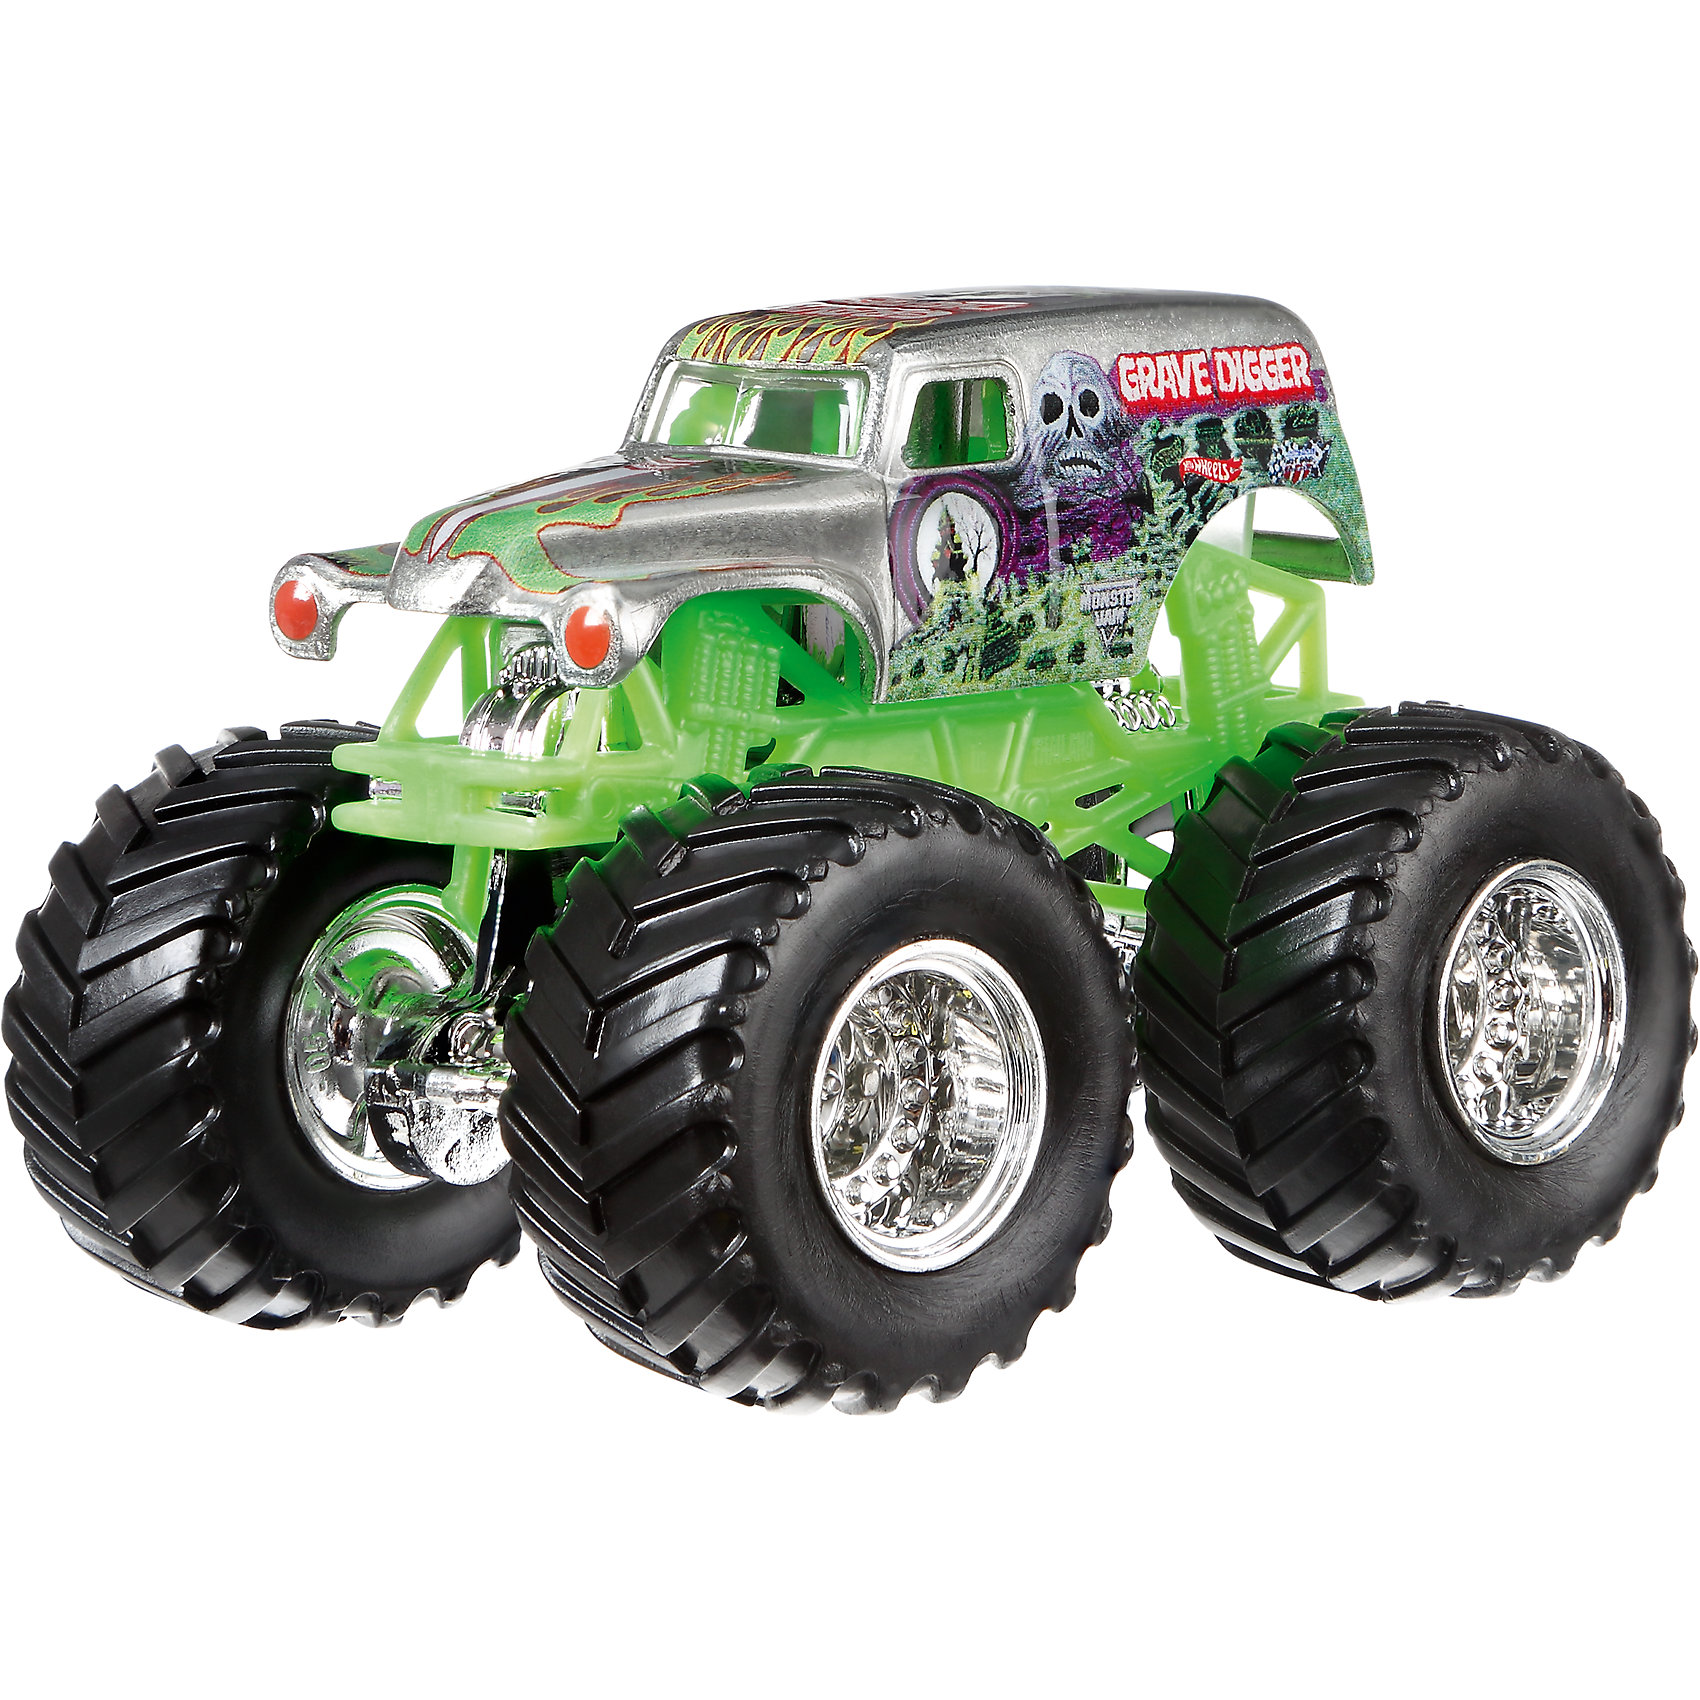 Машинка 1:64,  Monster Jam, Hot WheelsМашинки<br>Характеристики игрушечной машинки Хот Вилс:<br><br>• серия: Monster Jam;<br>• масштаб: 1:64;<br>• литой корпус;<br>• хромированные диски;<br>• проходимость колес; <br>• длина машинки: 8,5 см;<br>• размер упаковки: 17,5х14х7,5 см;<br>• вес в упаковке: 115 г.<br><br>Игрушечная модель машинки Hot Wheels на мощных колесах большого диаметра отличается высокой проходимостью, претендует на первенство в гонках, имеет литой корпус. Комбинированное использования пластика и металла делает машинку прочной и устойчивой к ударам и падениям. Тюнинг трюкового внедорожника Monster Jam соответствует пожеланиям юных коллекционеров линейки автомобилей Hot Wheels. <br><br>Машинку 1:64, Monster Jam, Hot Wheels можно купить в нашем интернет-магазине.<br><br>Ширина мм: 65<br>Глубина мм: 140<br>Высота мм: 175<br>Вес г: 130<br>Возраст от месяцев: 36<br>Возраст до месяцев: 84<br>Пол: Мужской<br>Возраст: Детский<br>SKU: 5284999